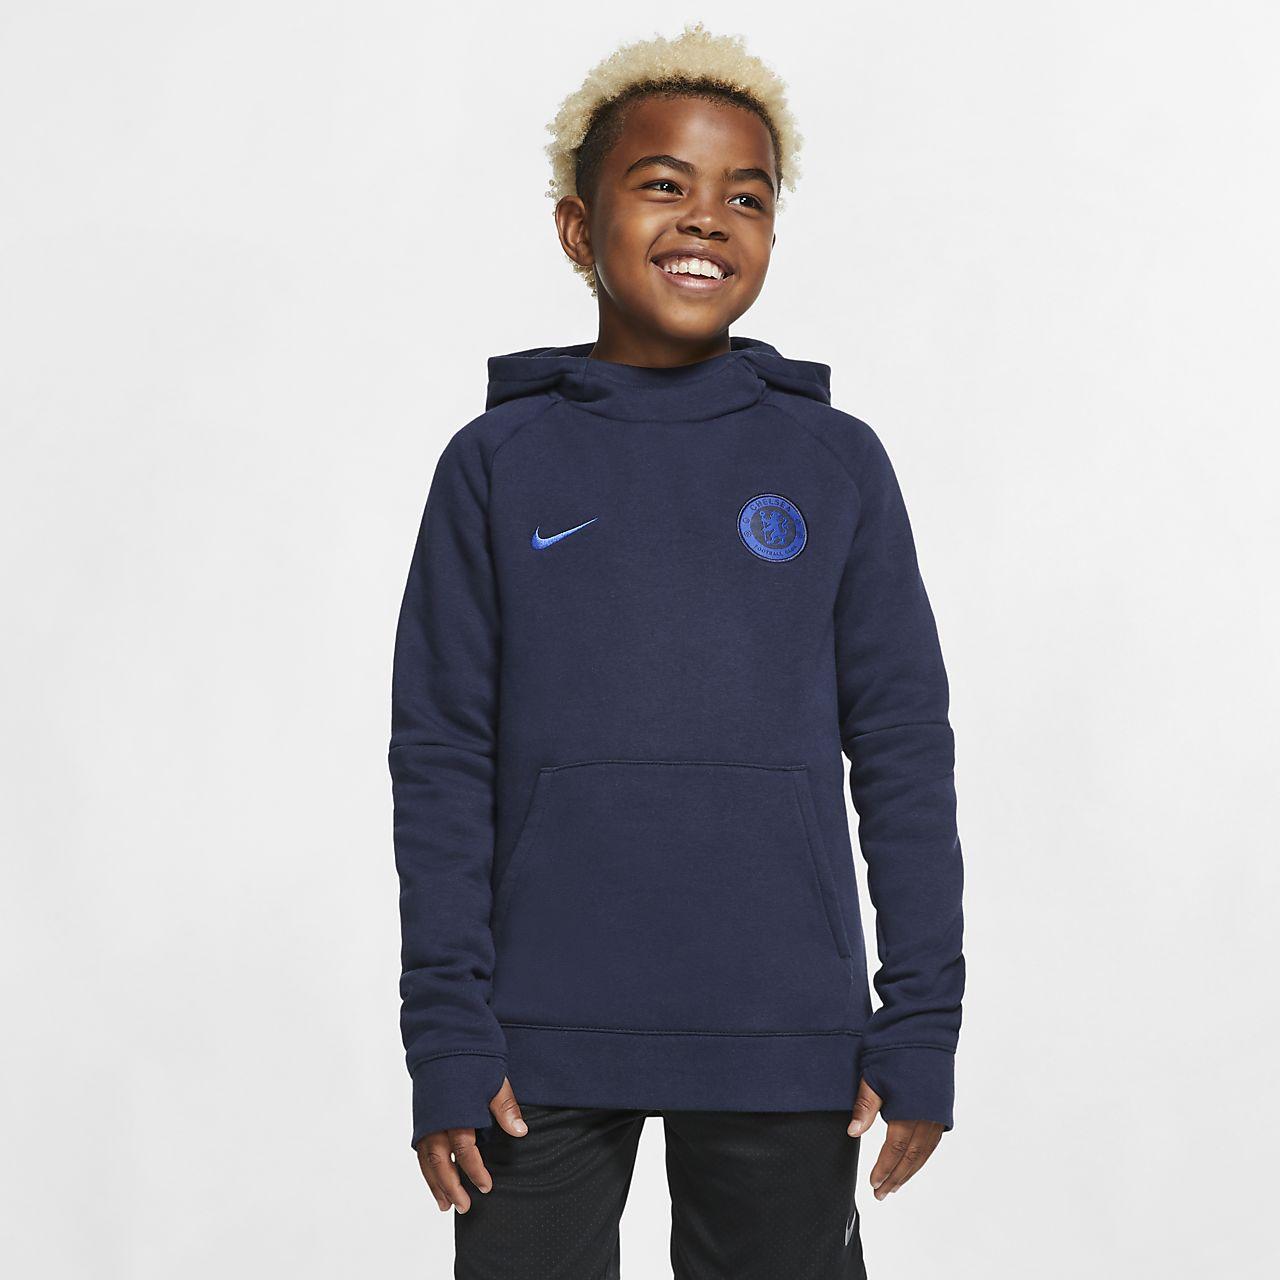 Sudadera con capucha sin cierre en tejido Fleece para niños talla grande Chelsea FC